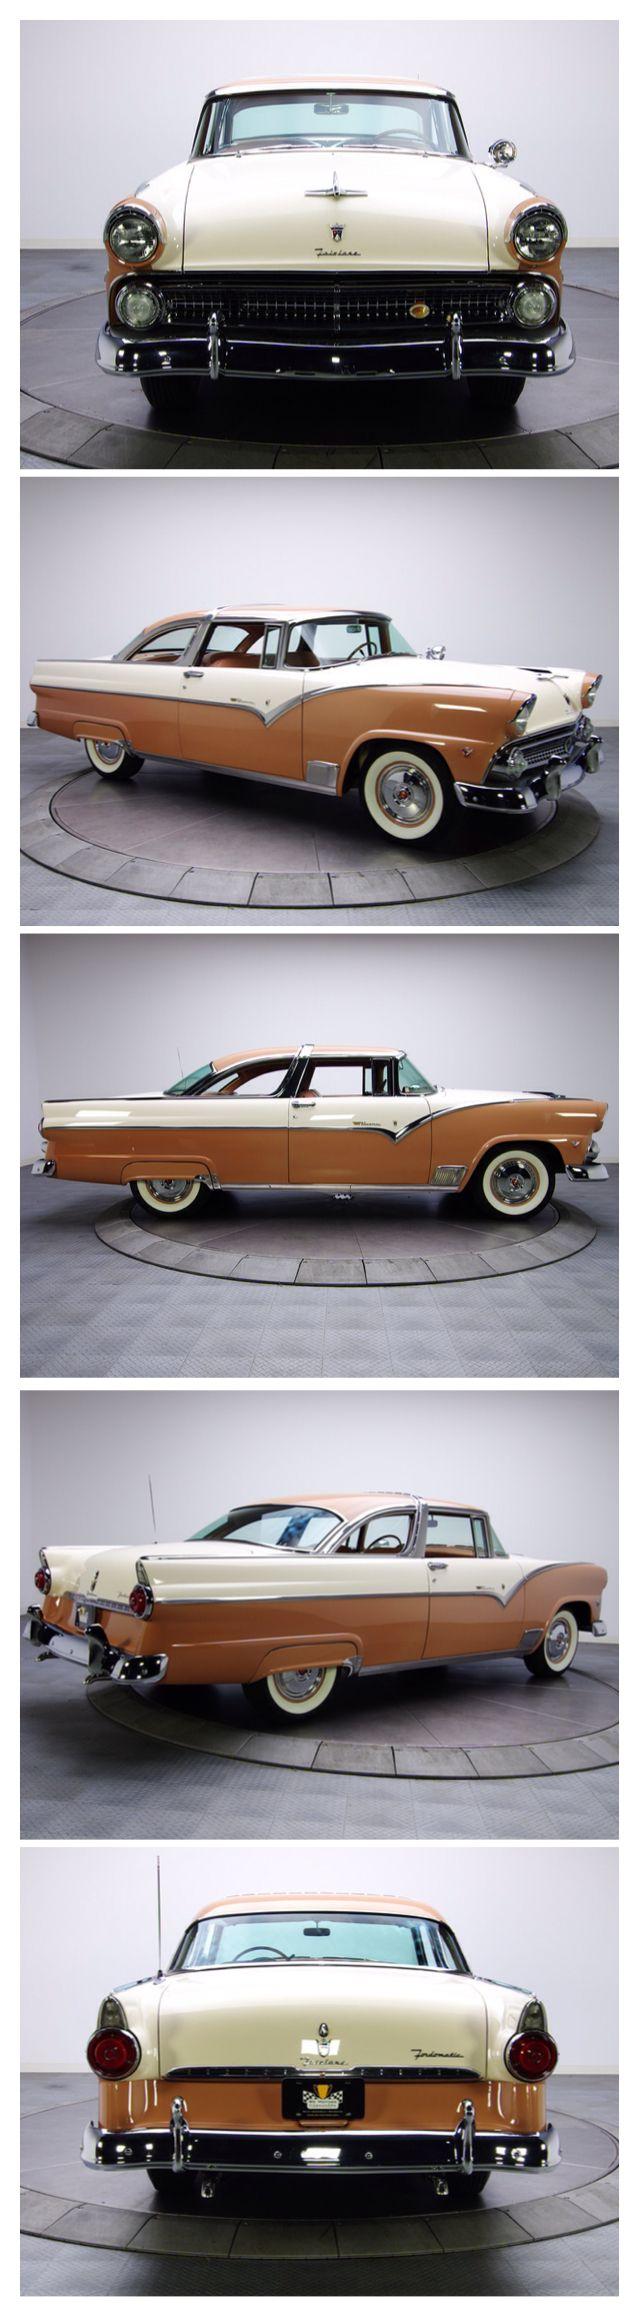 1956 Fairlane Crown Victoria